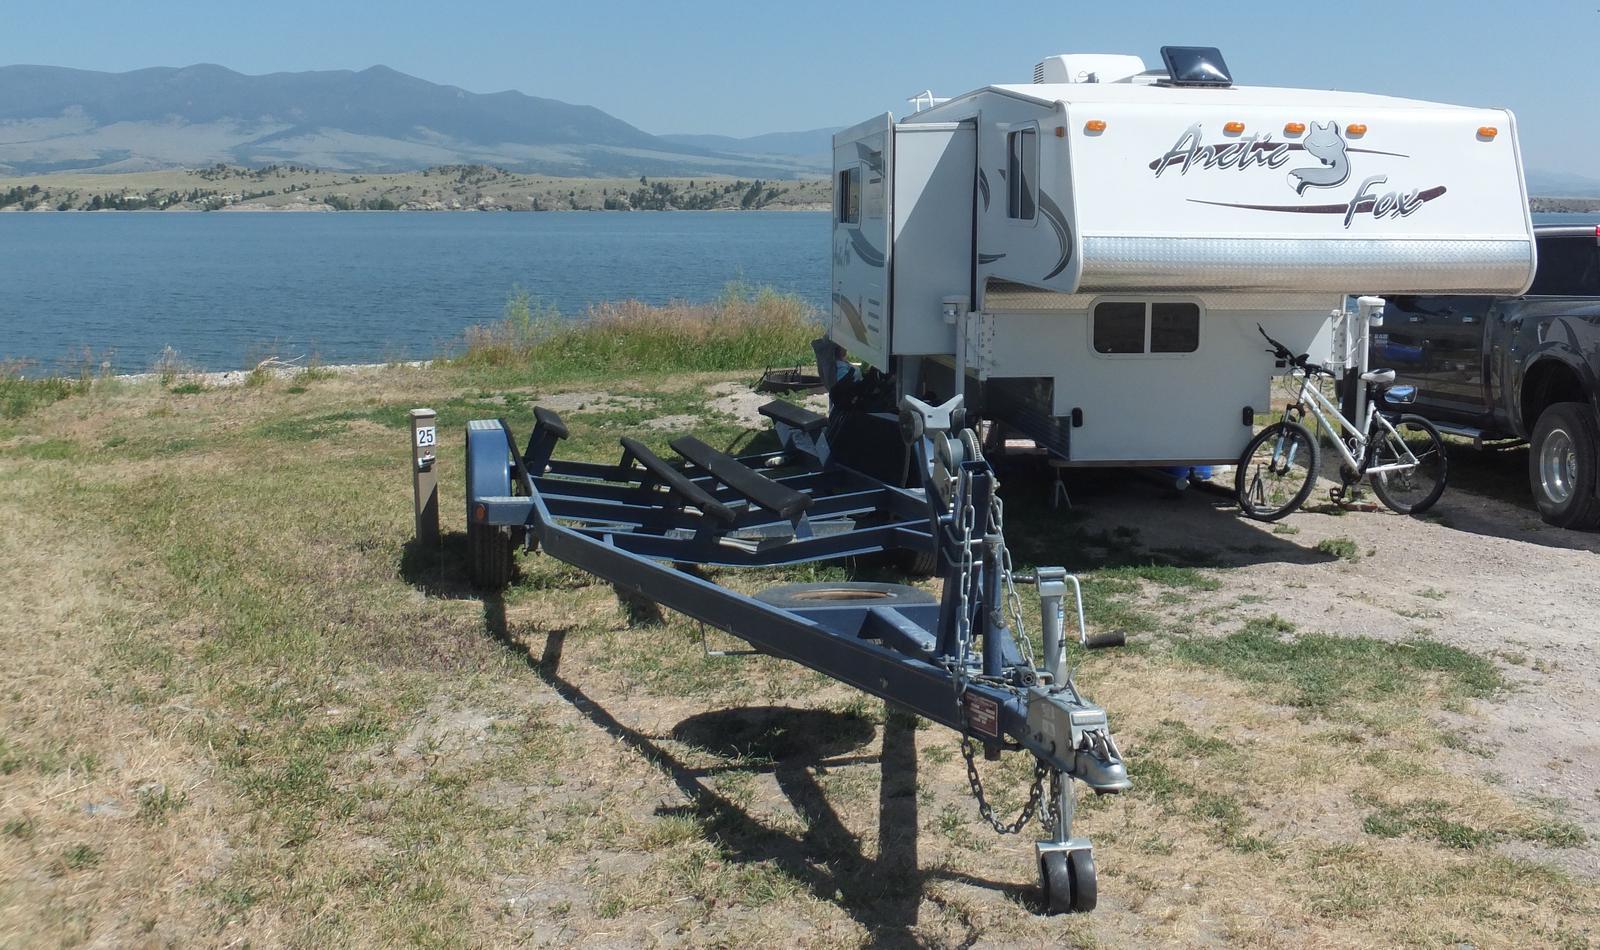 White Earth Campground - Campsite 25